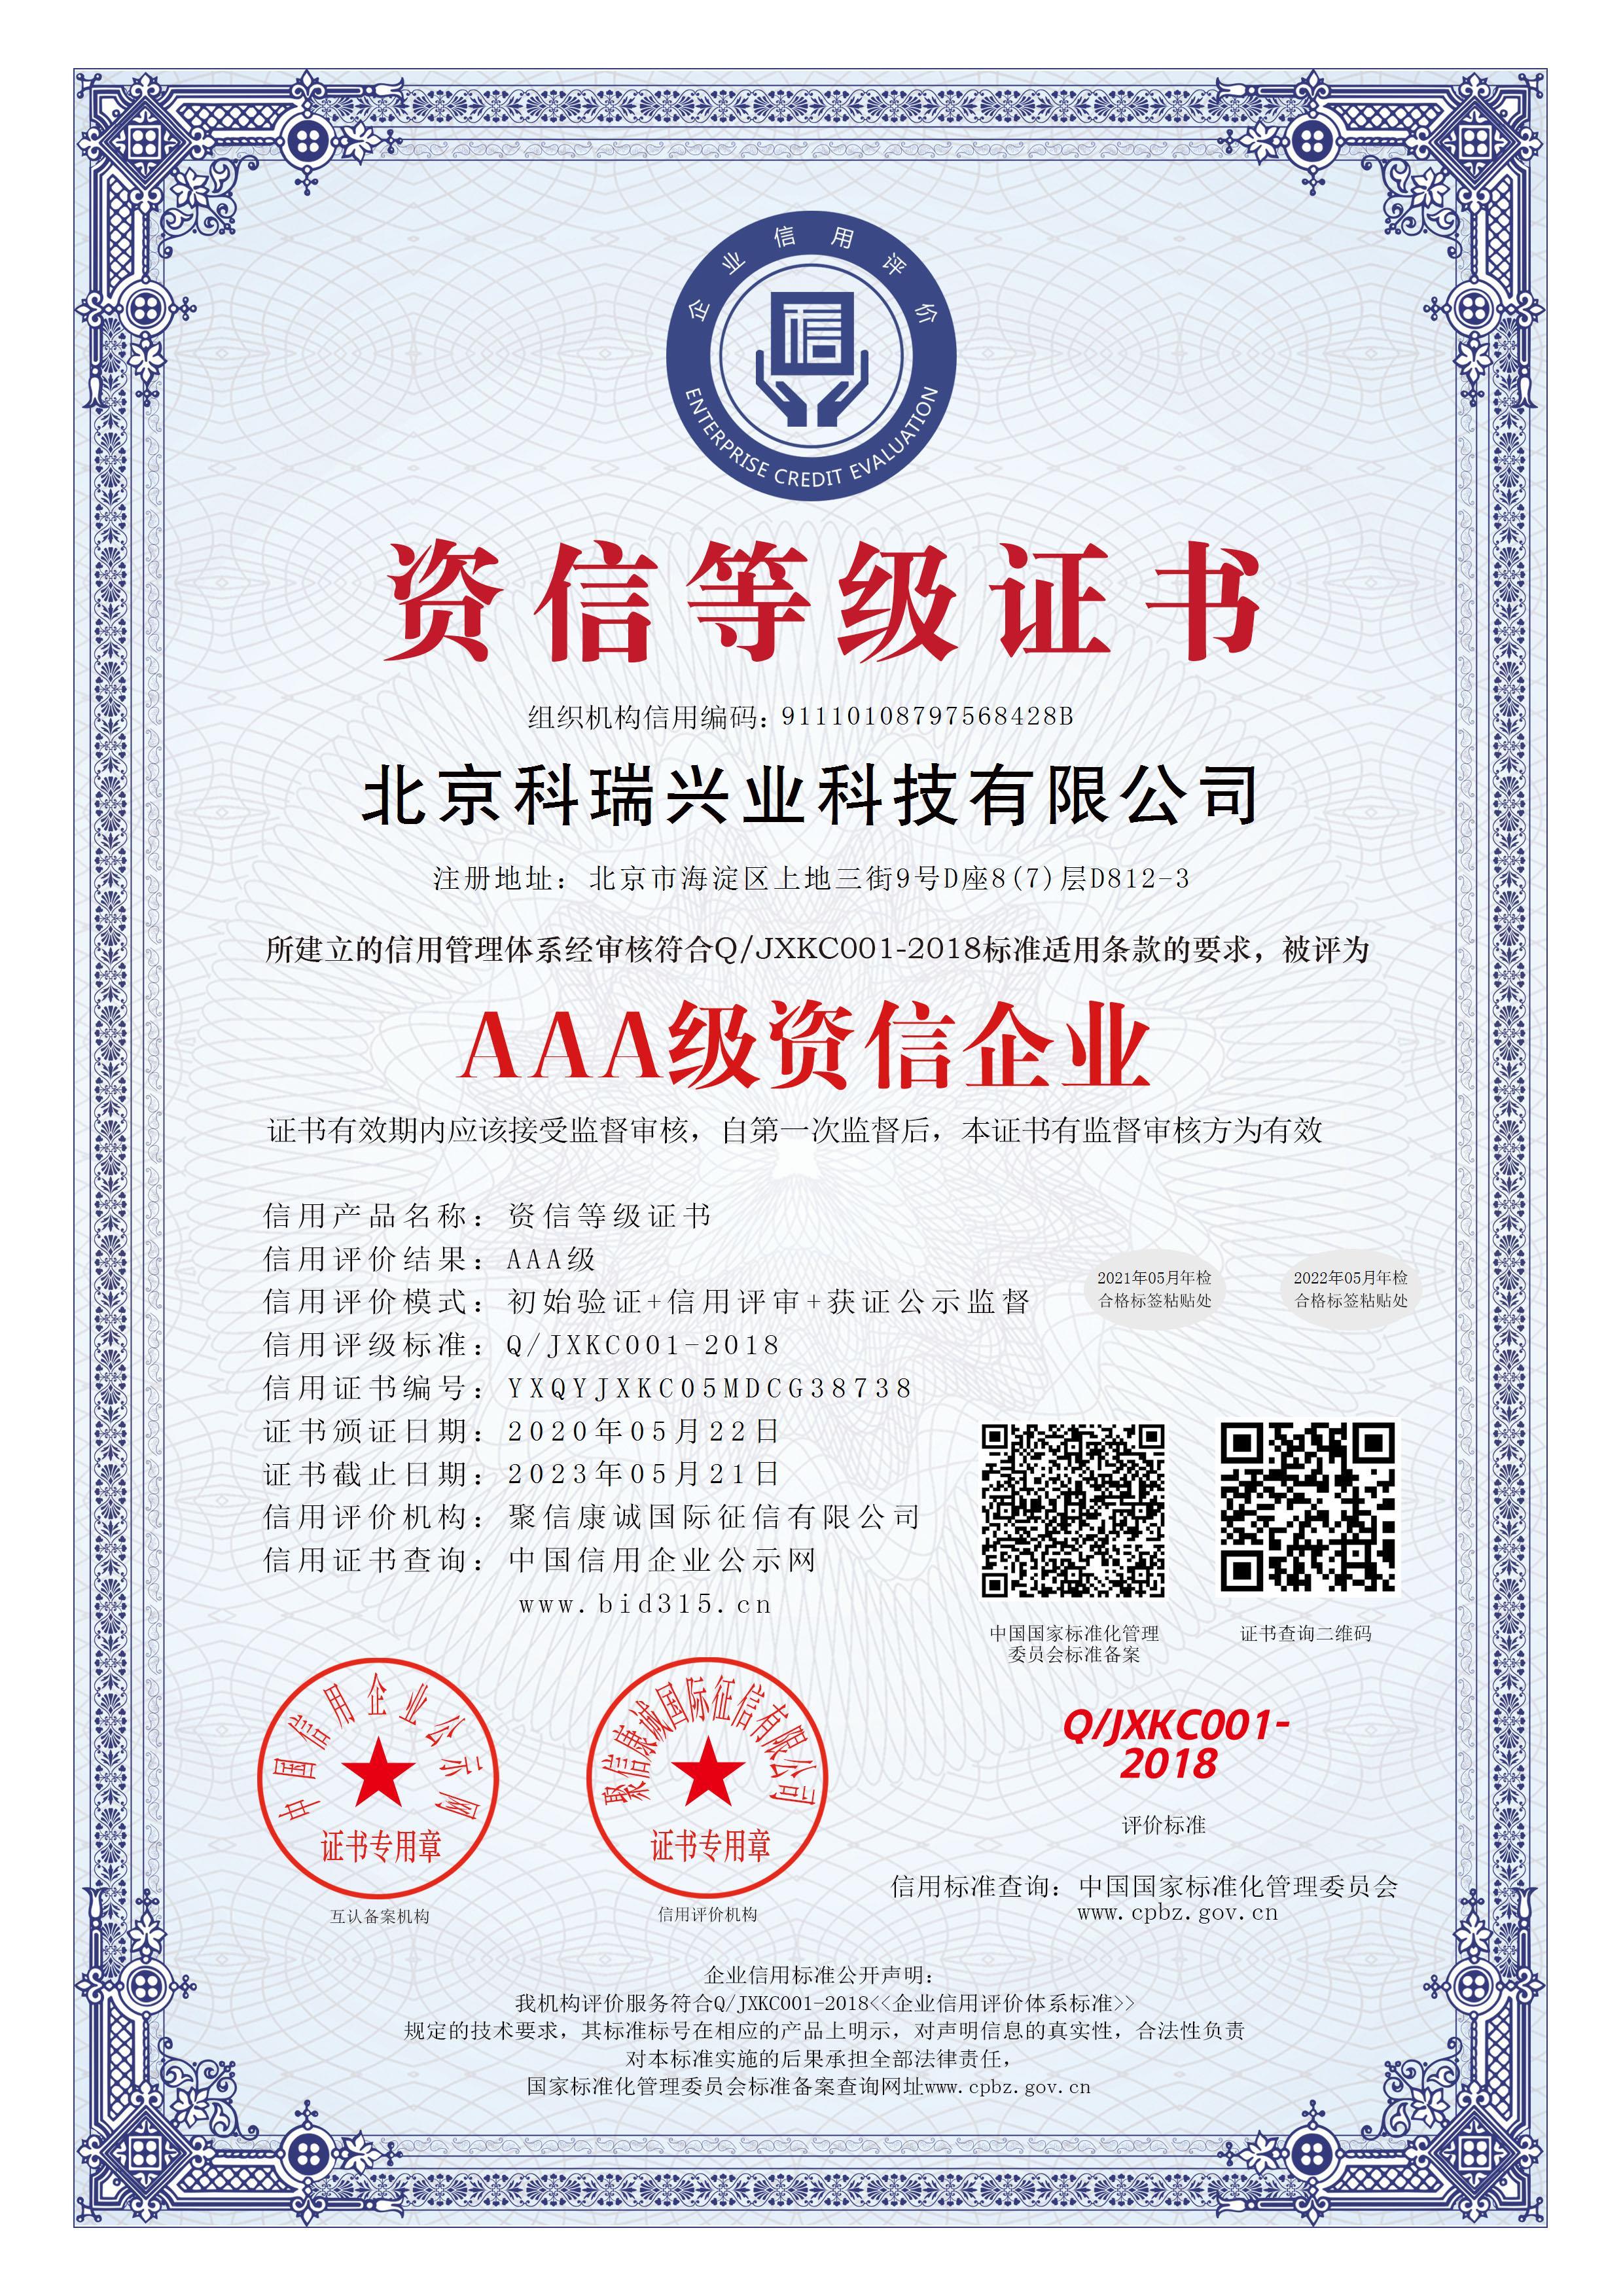 北京科瑞兴业科技有限公司_AAA级资信企业_中文版_电子版